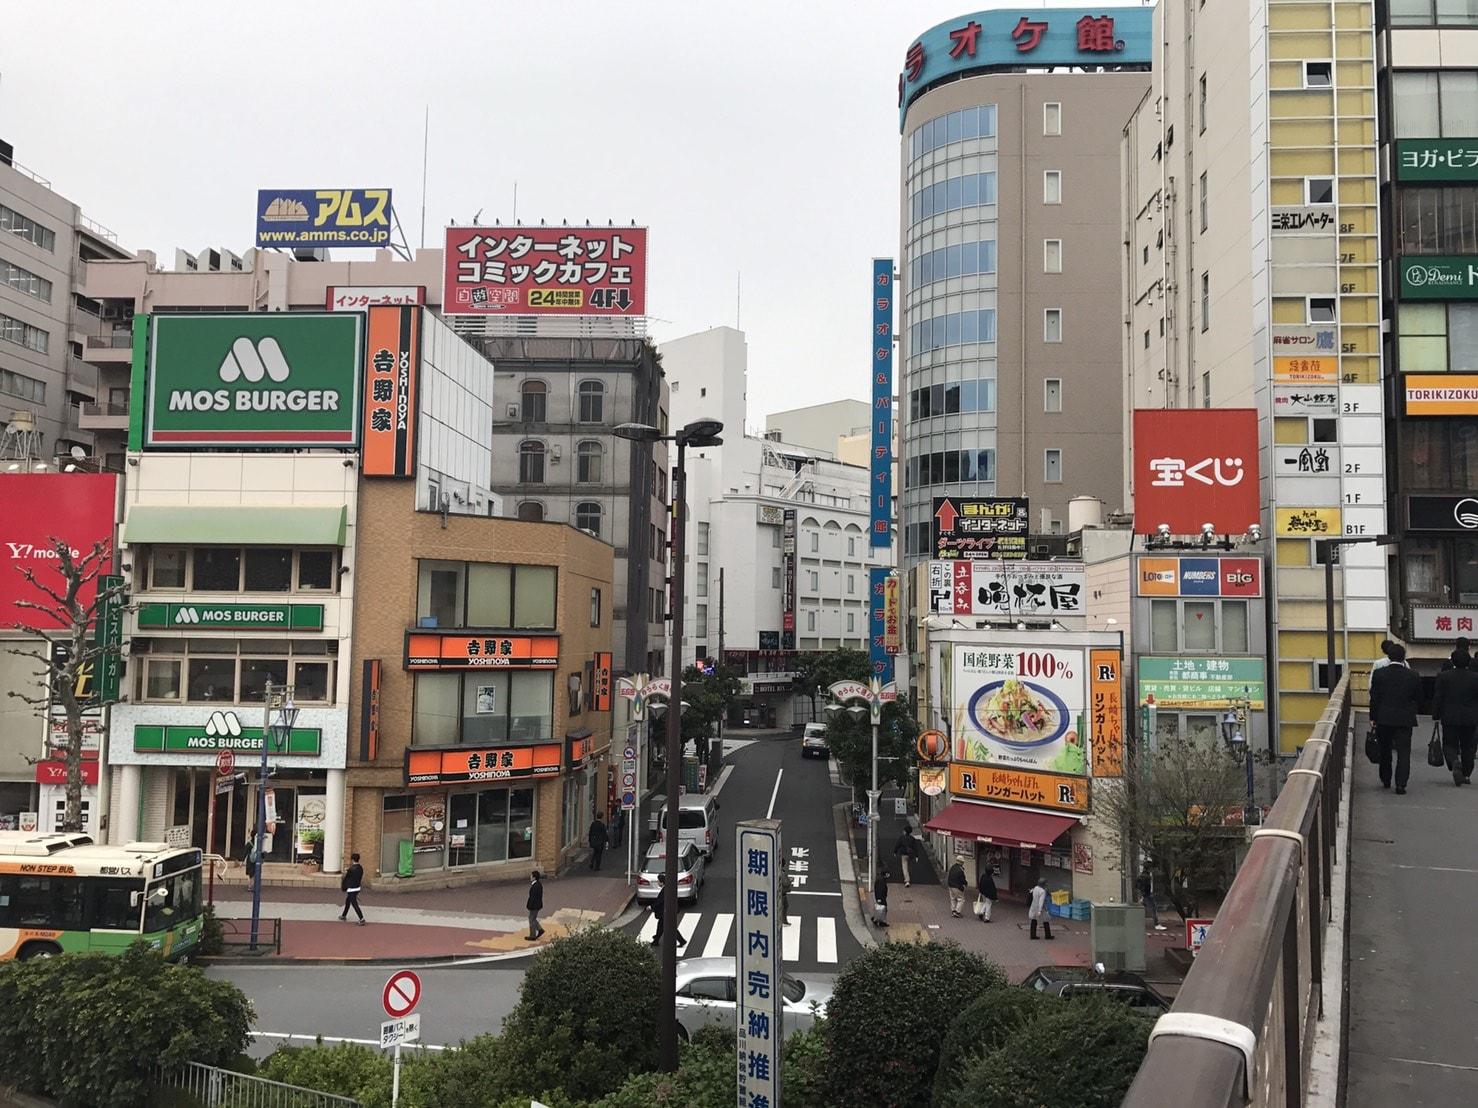 五反田駅周辺の雰囲気